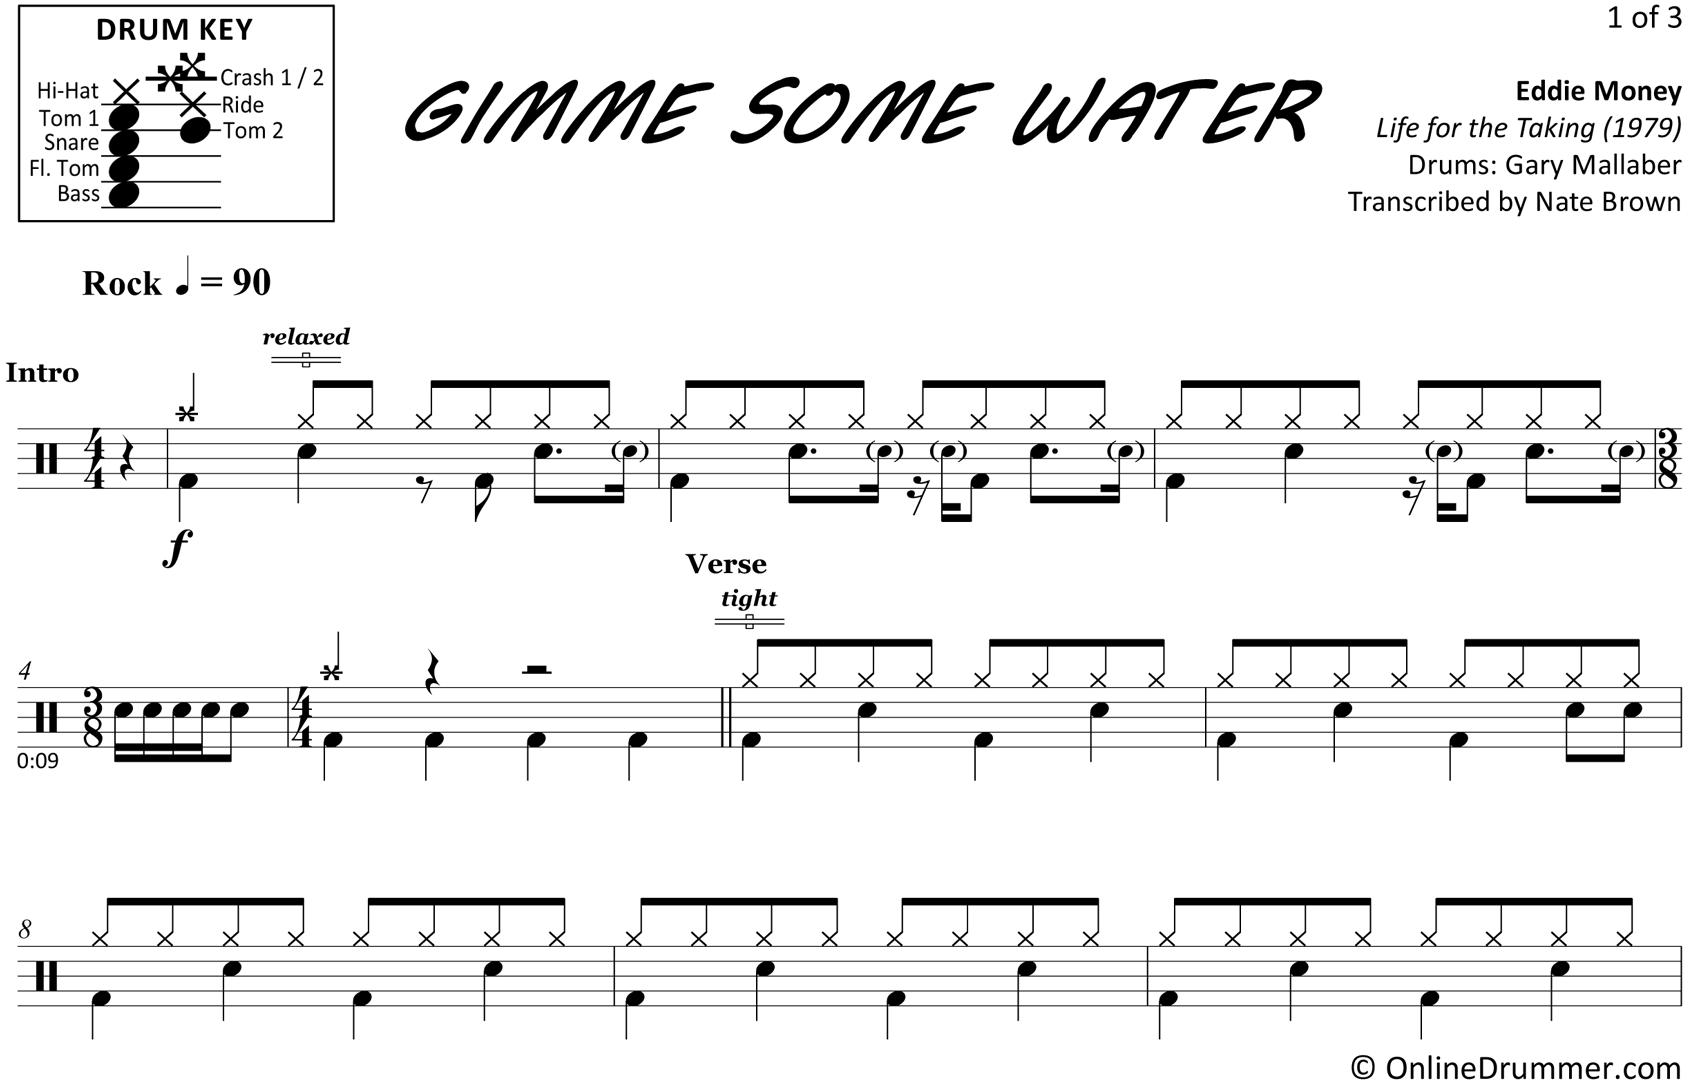 Gimme Some Water - Eddie Money - Drum Sheet Music